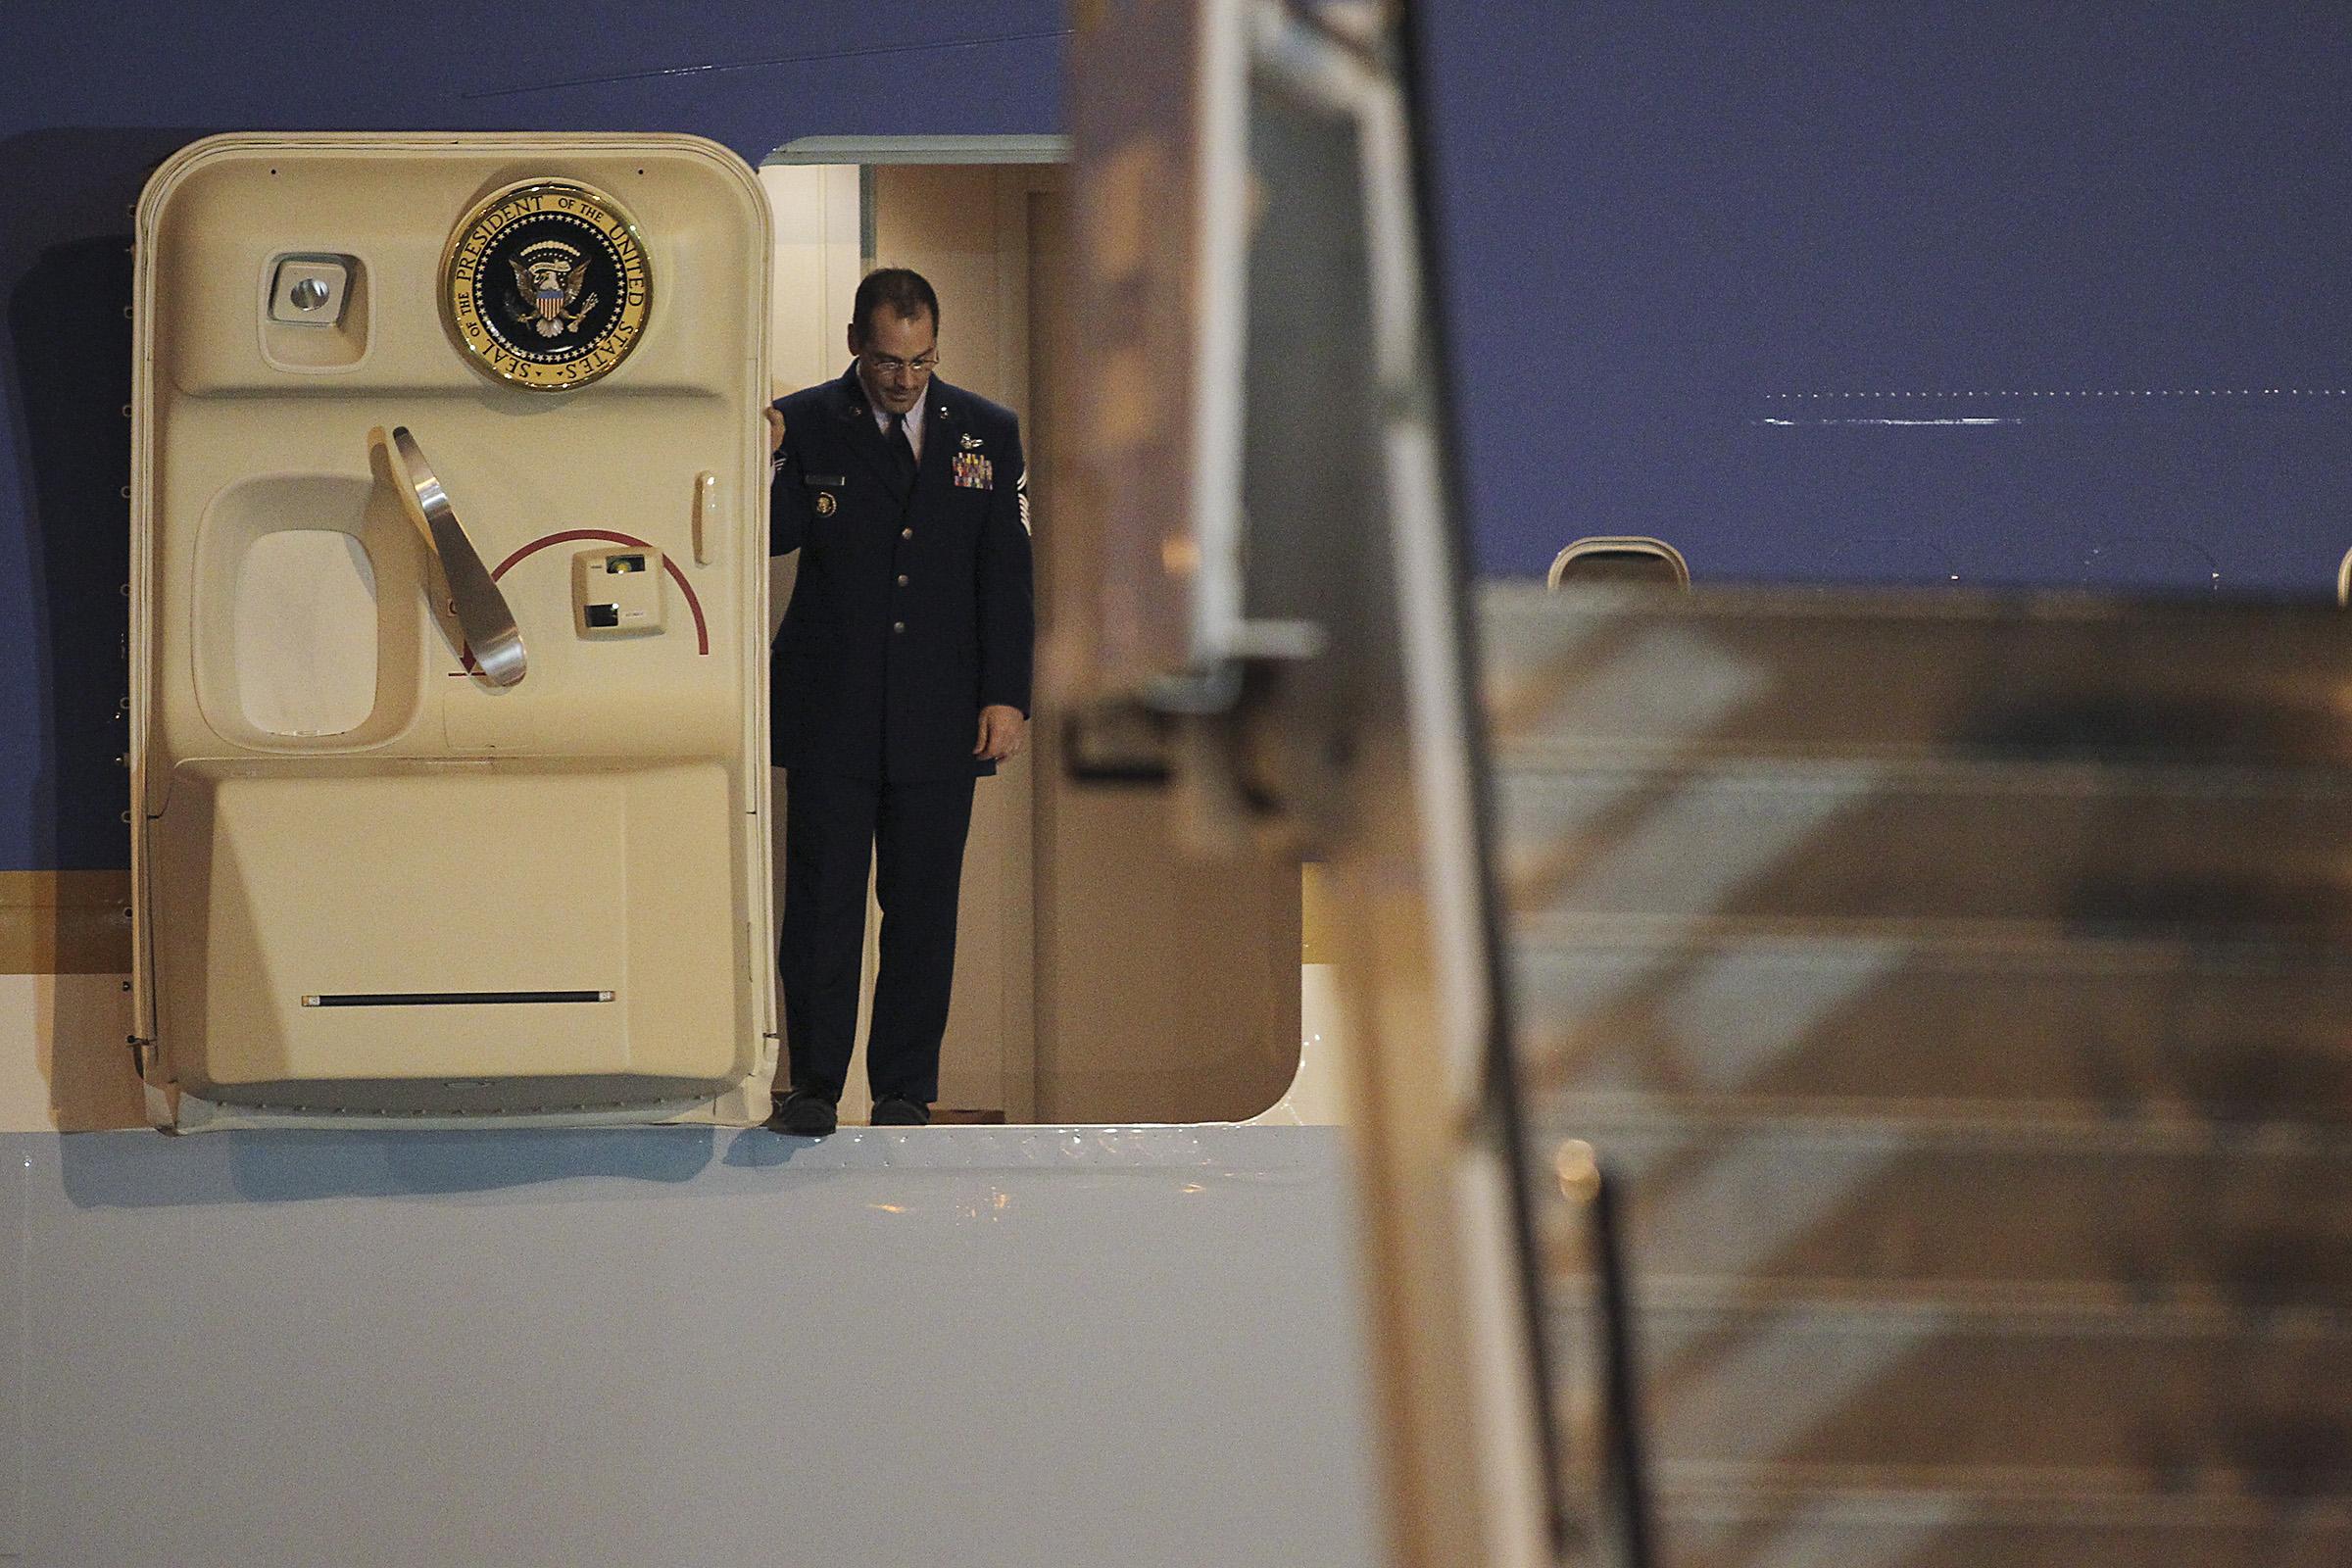 obama_arrives2012.04